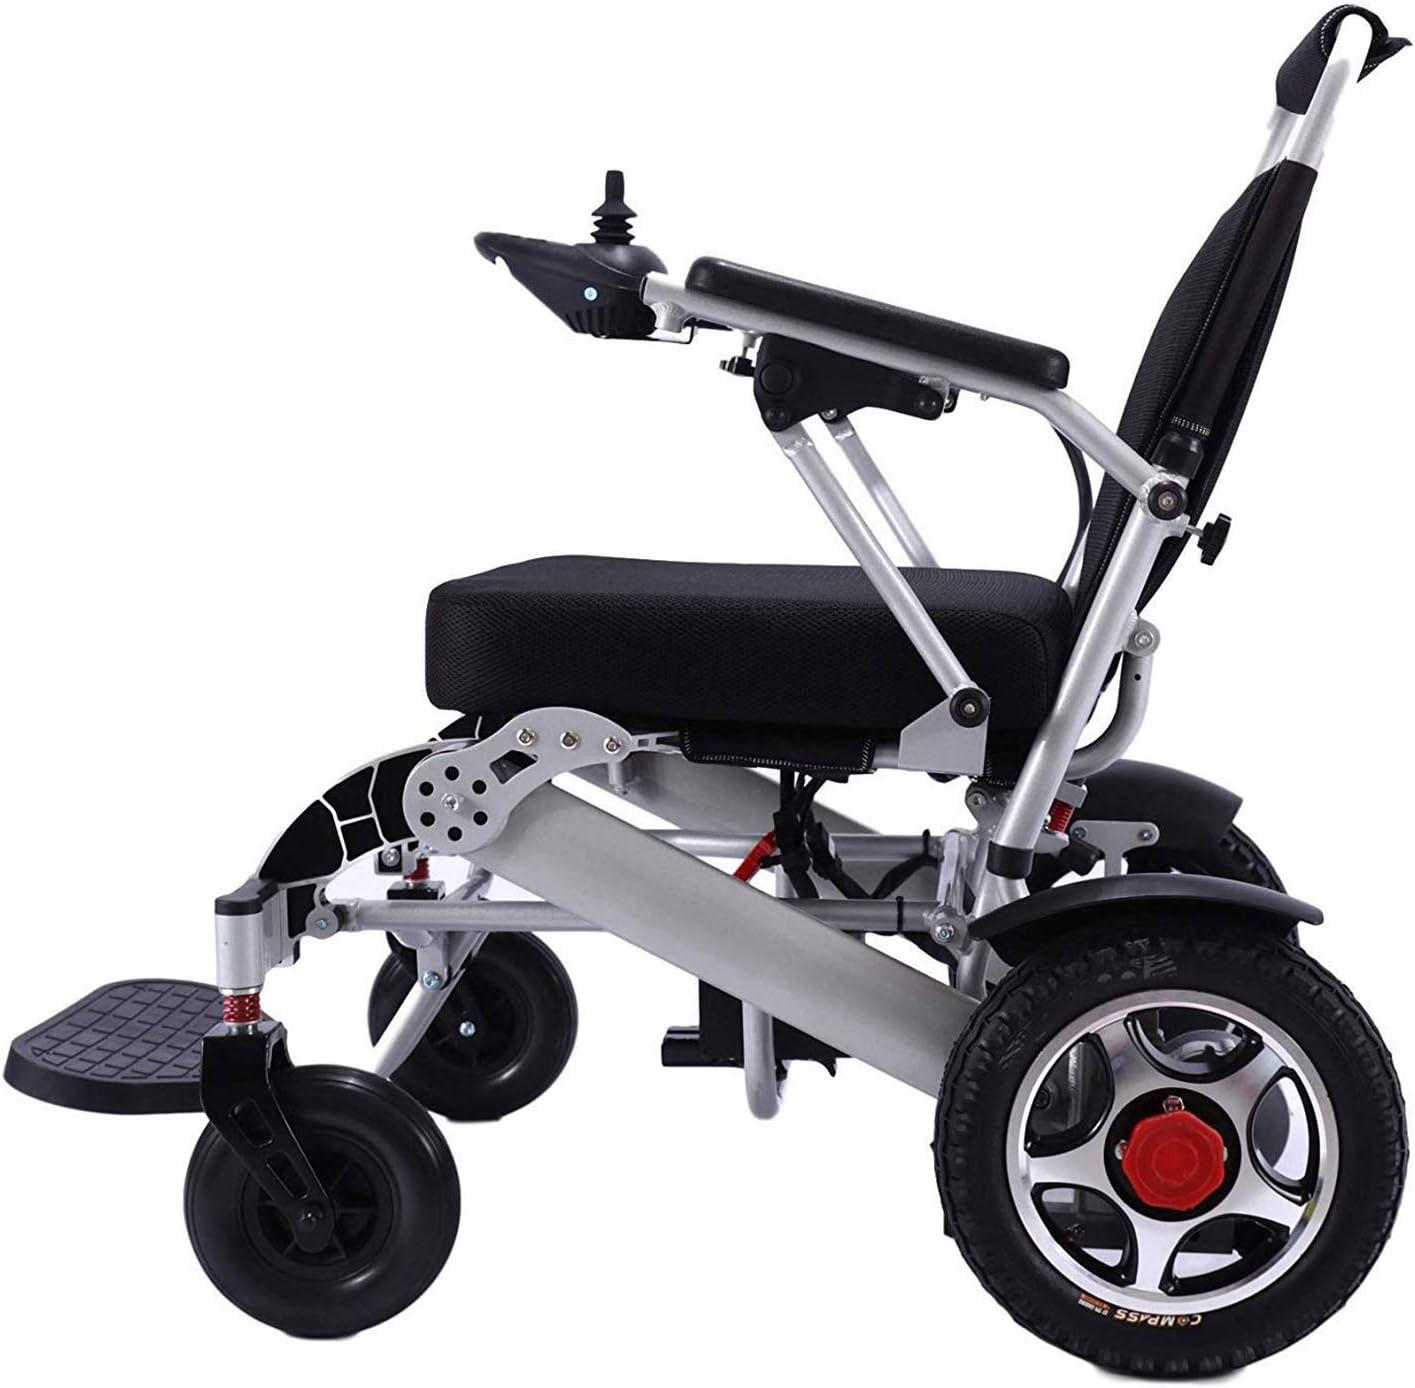 Silla de ruedas eléctrica plegable ligero de 50 libras con baterías de servicio pesado Soporta 360 libras grado de los aviones de aleación de aluminio de 12